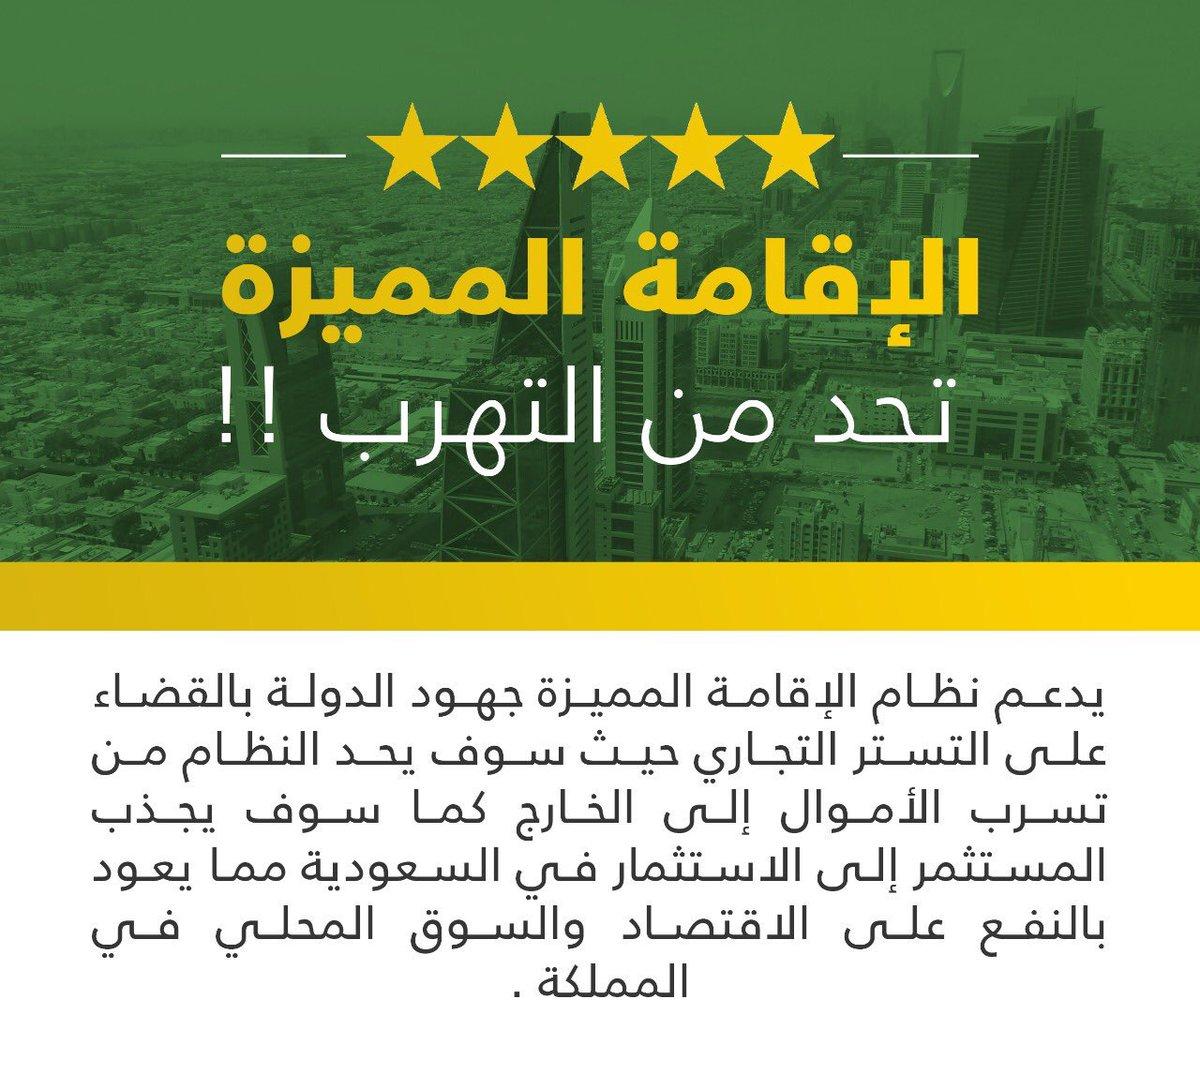 خبر عاجل บนทว ตเตอร بطاقة الإقامة المميزة تشمل كذلك إقامة لسنة واحدة قابلة للتجديد في المملكة العربية السعودية وفق نظام الإقامة المميزة ويحصل عليها المتقدم بعد استيفاء الشروط النظامية ودفع مبلغ 100 000 ريال